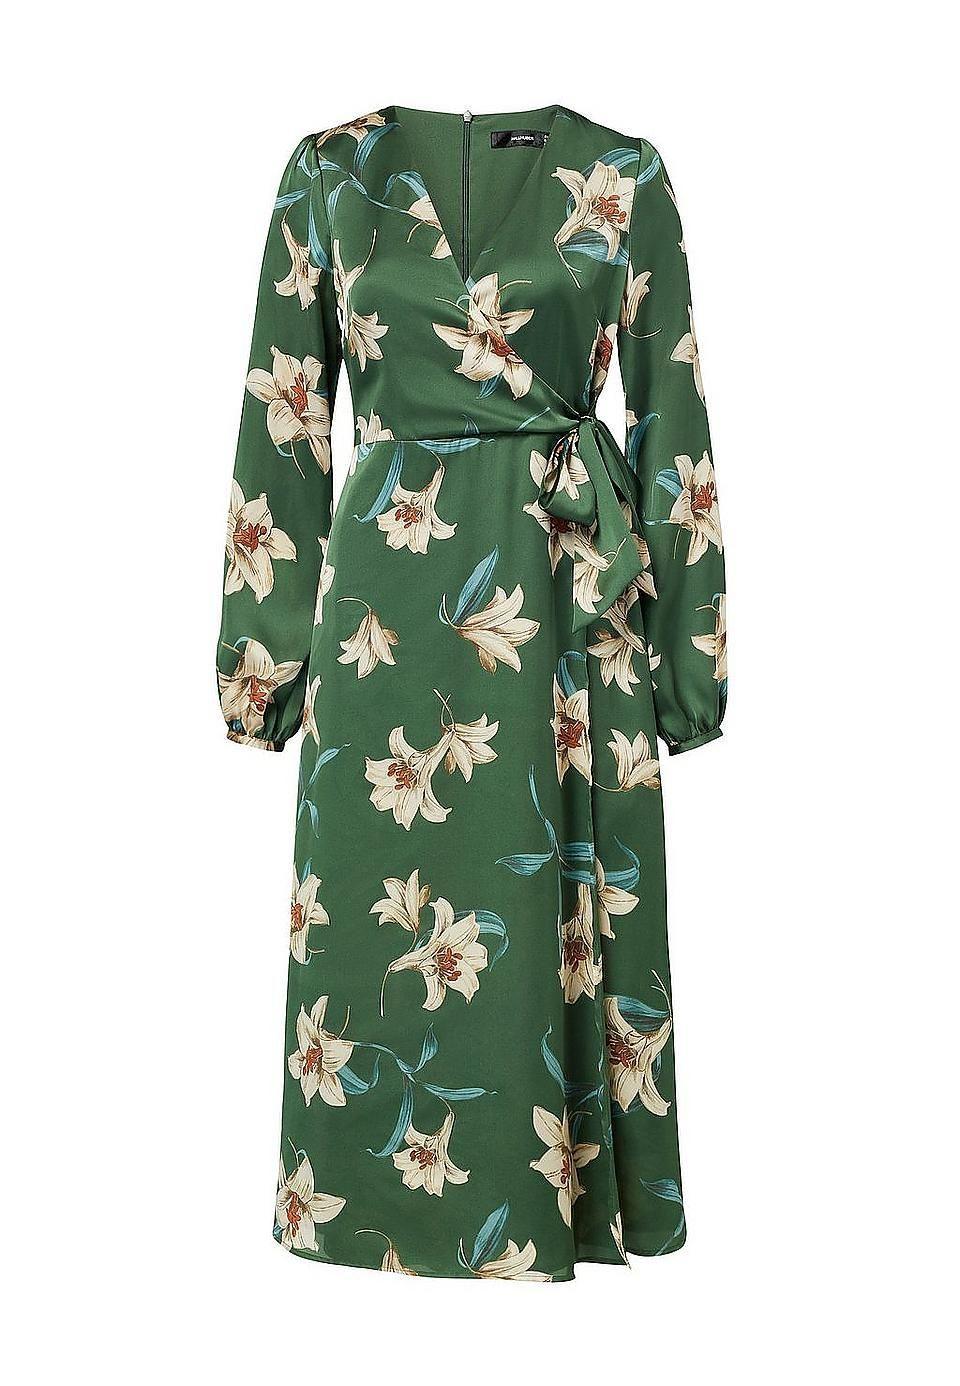 Luxus Hallhuber Abendkleid Bester Preis - Abendkleid